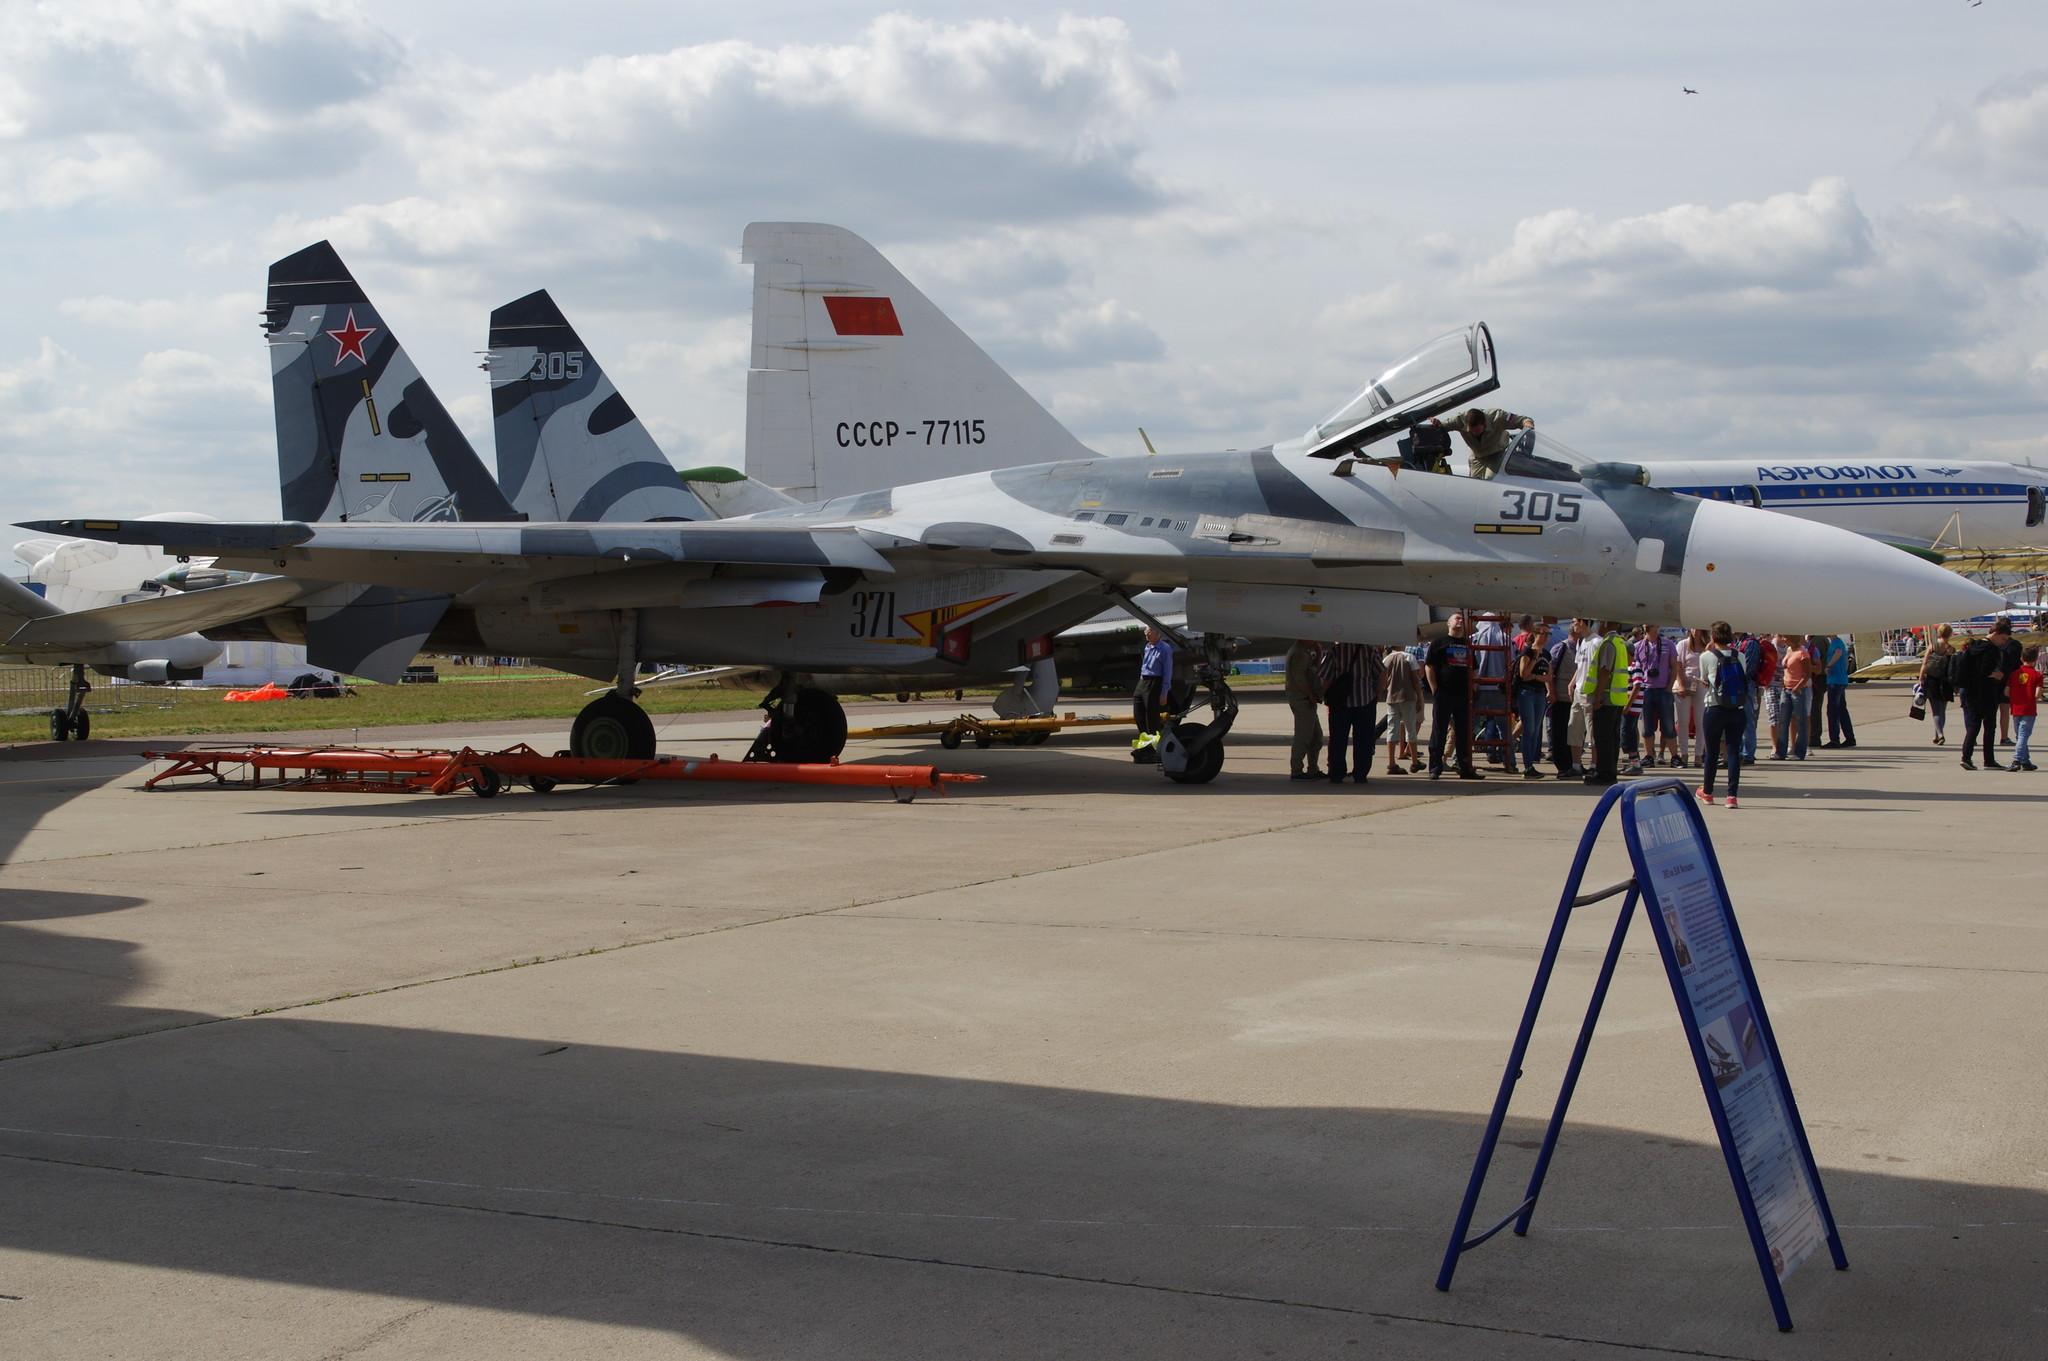 Многоцелевой всепогодный истребитель четвёртого поколения Су-27